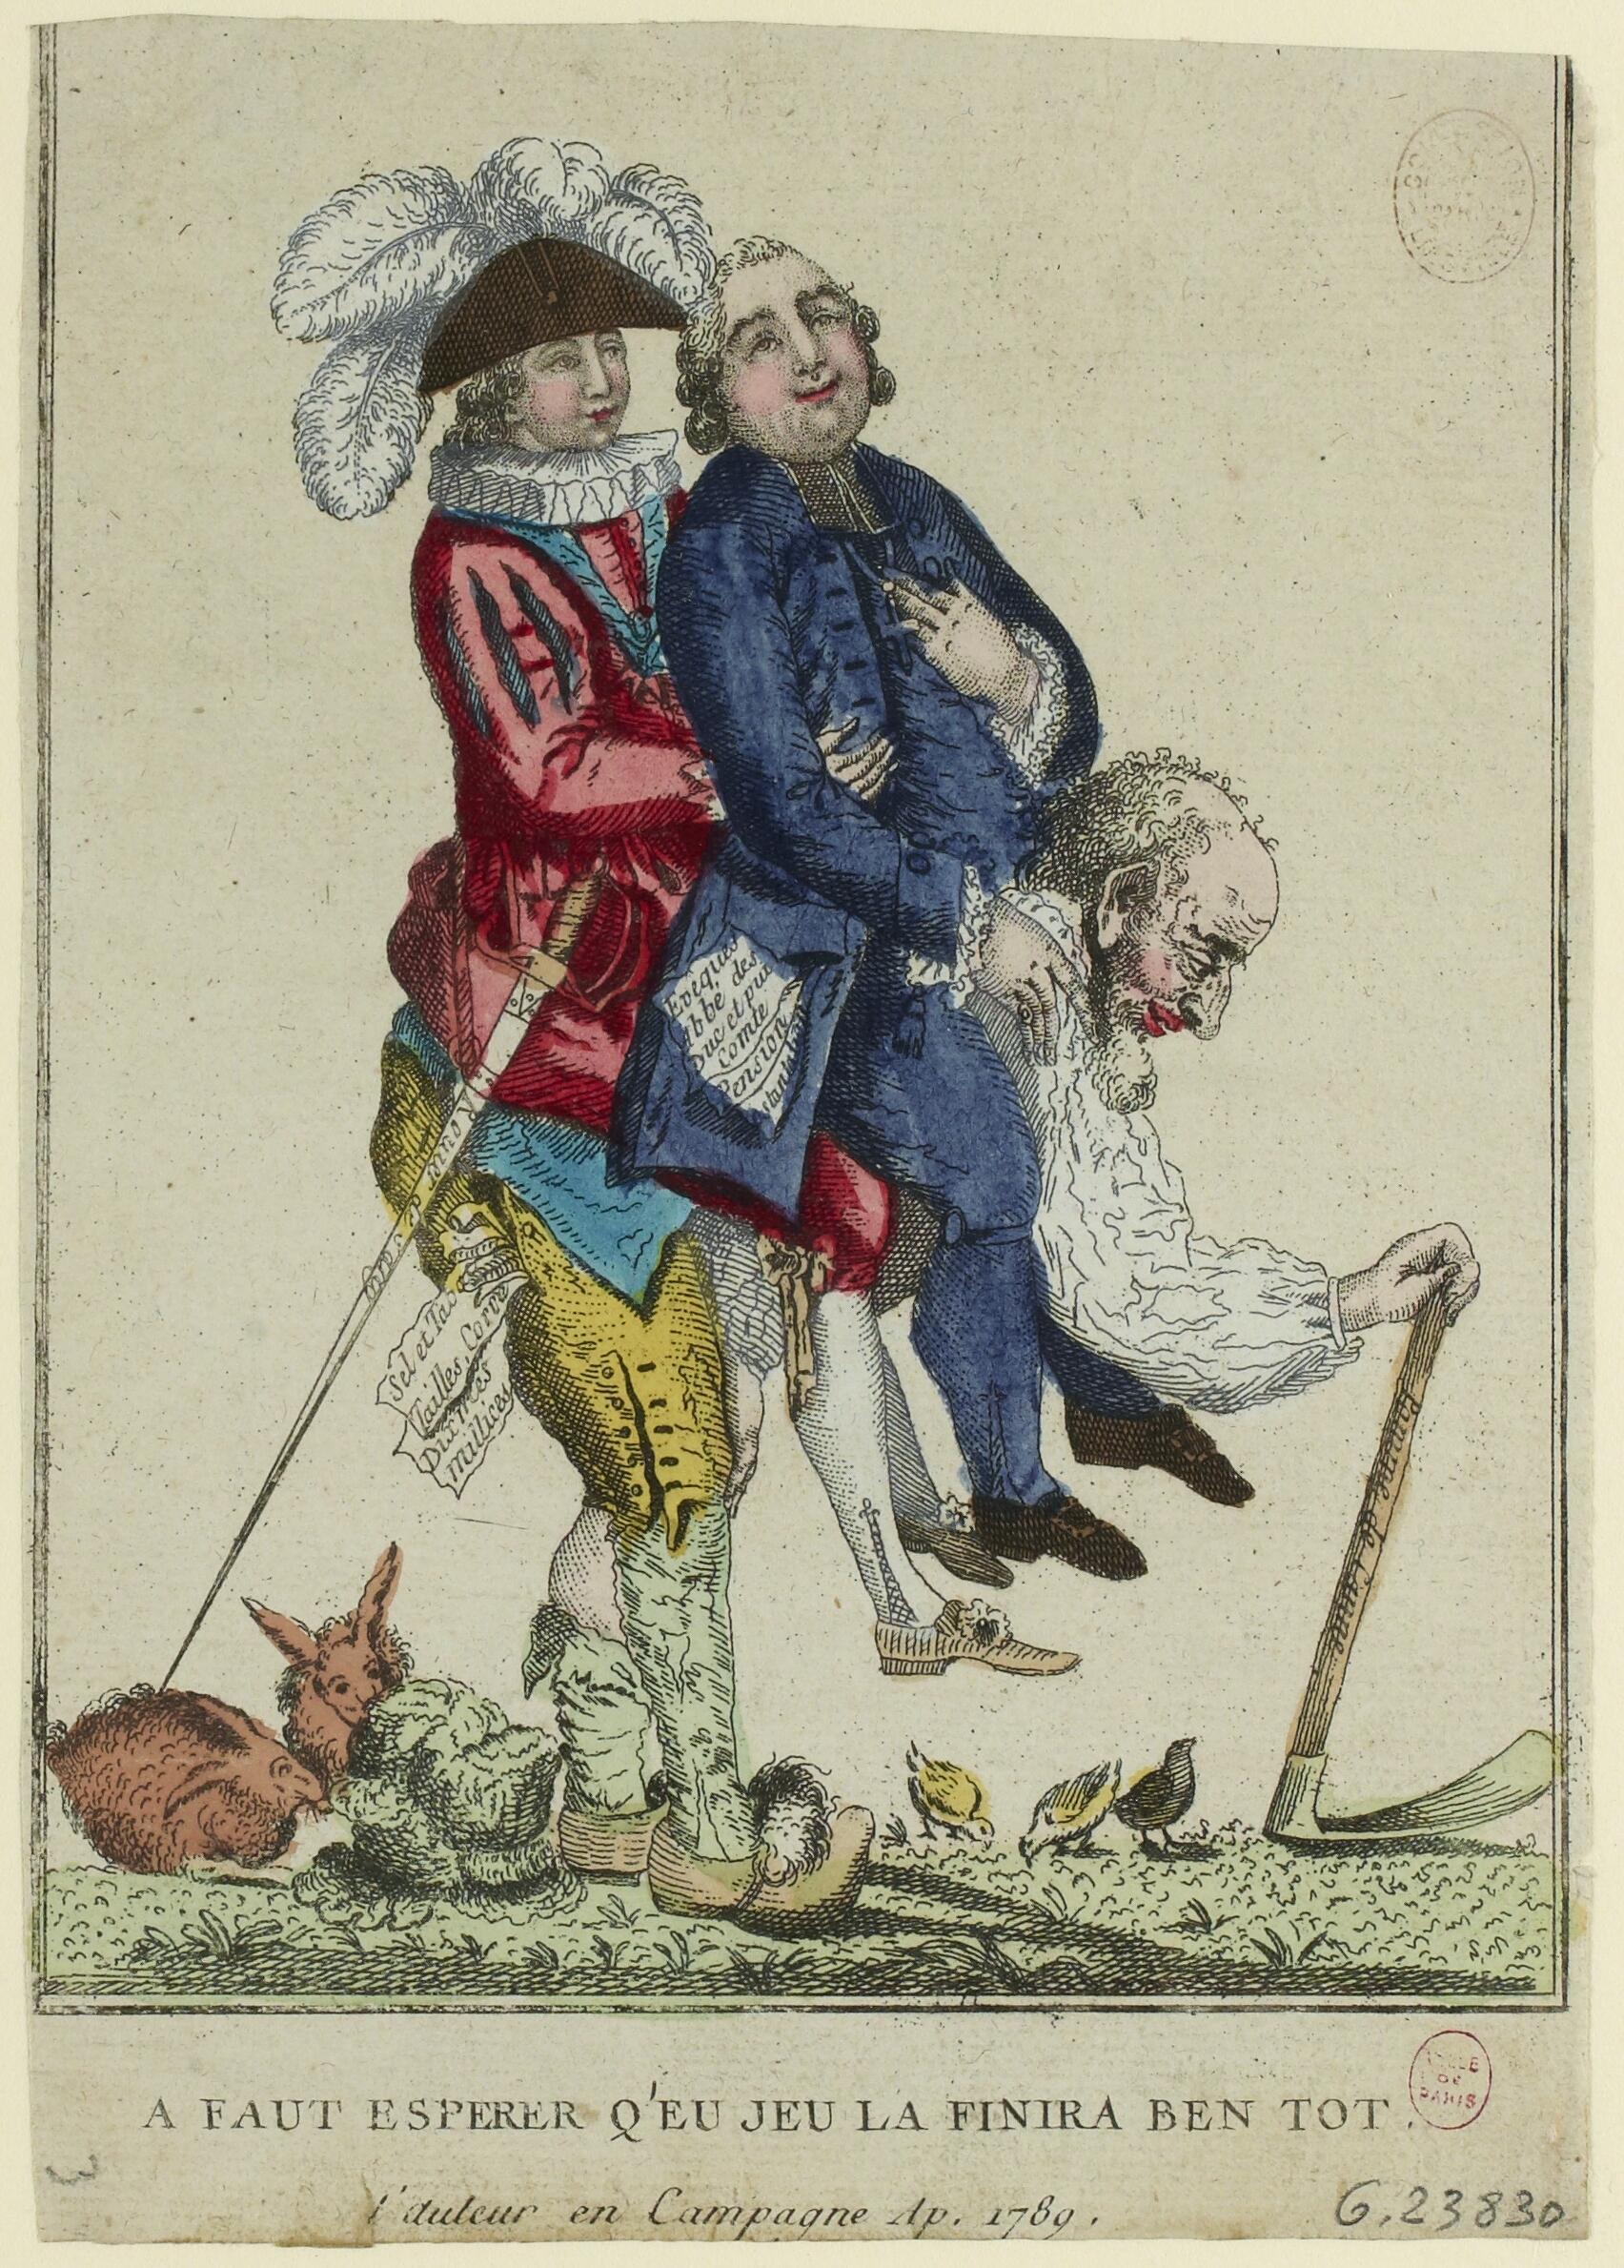 Анонимная карикатура 1789 года: третье сословие в образе согбенного старика тащит на своих плечах духовенство и дворянство